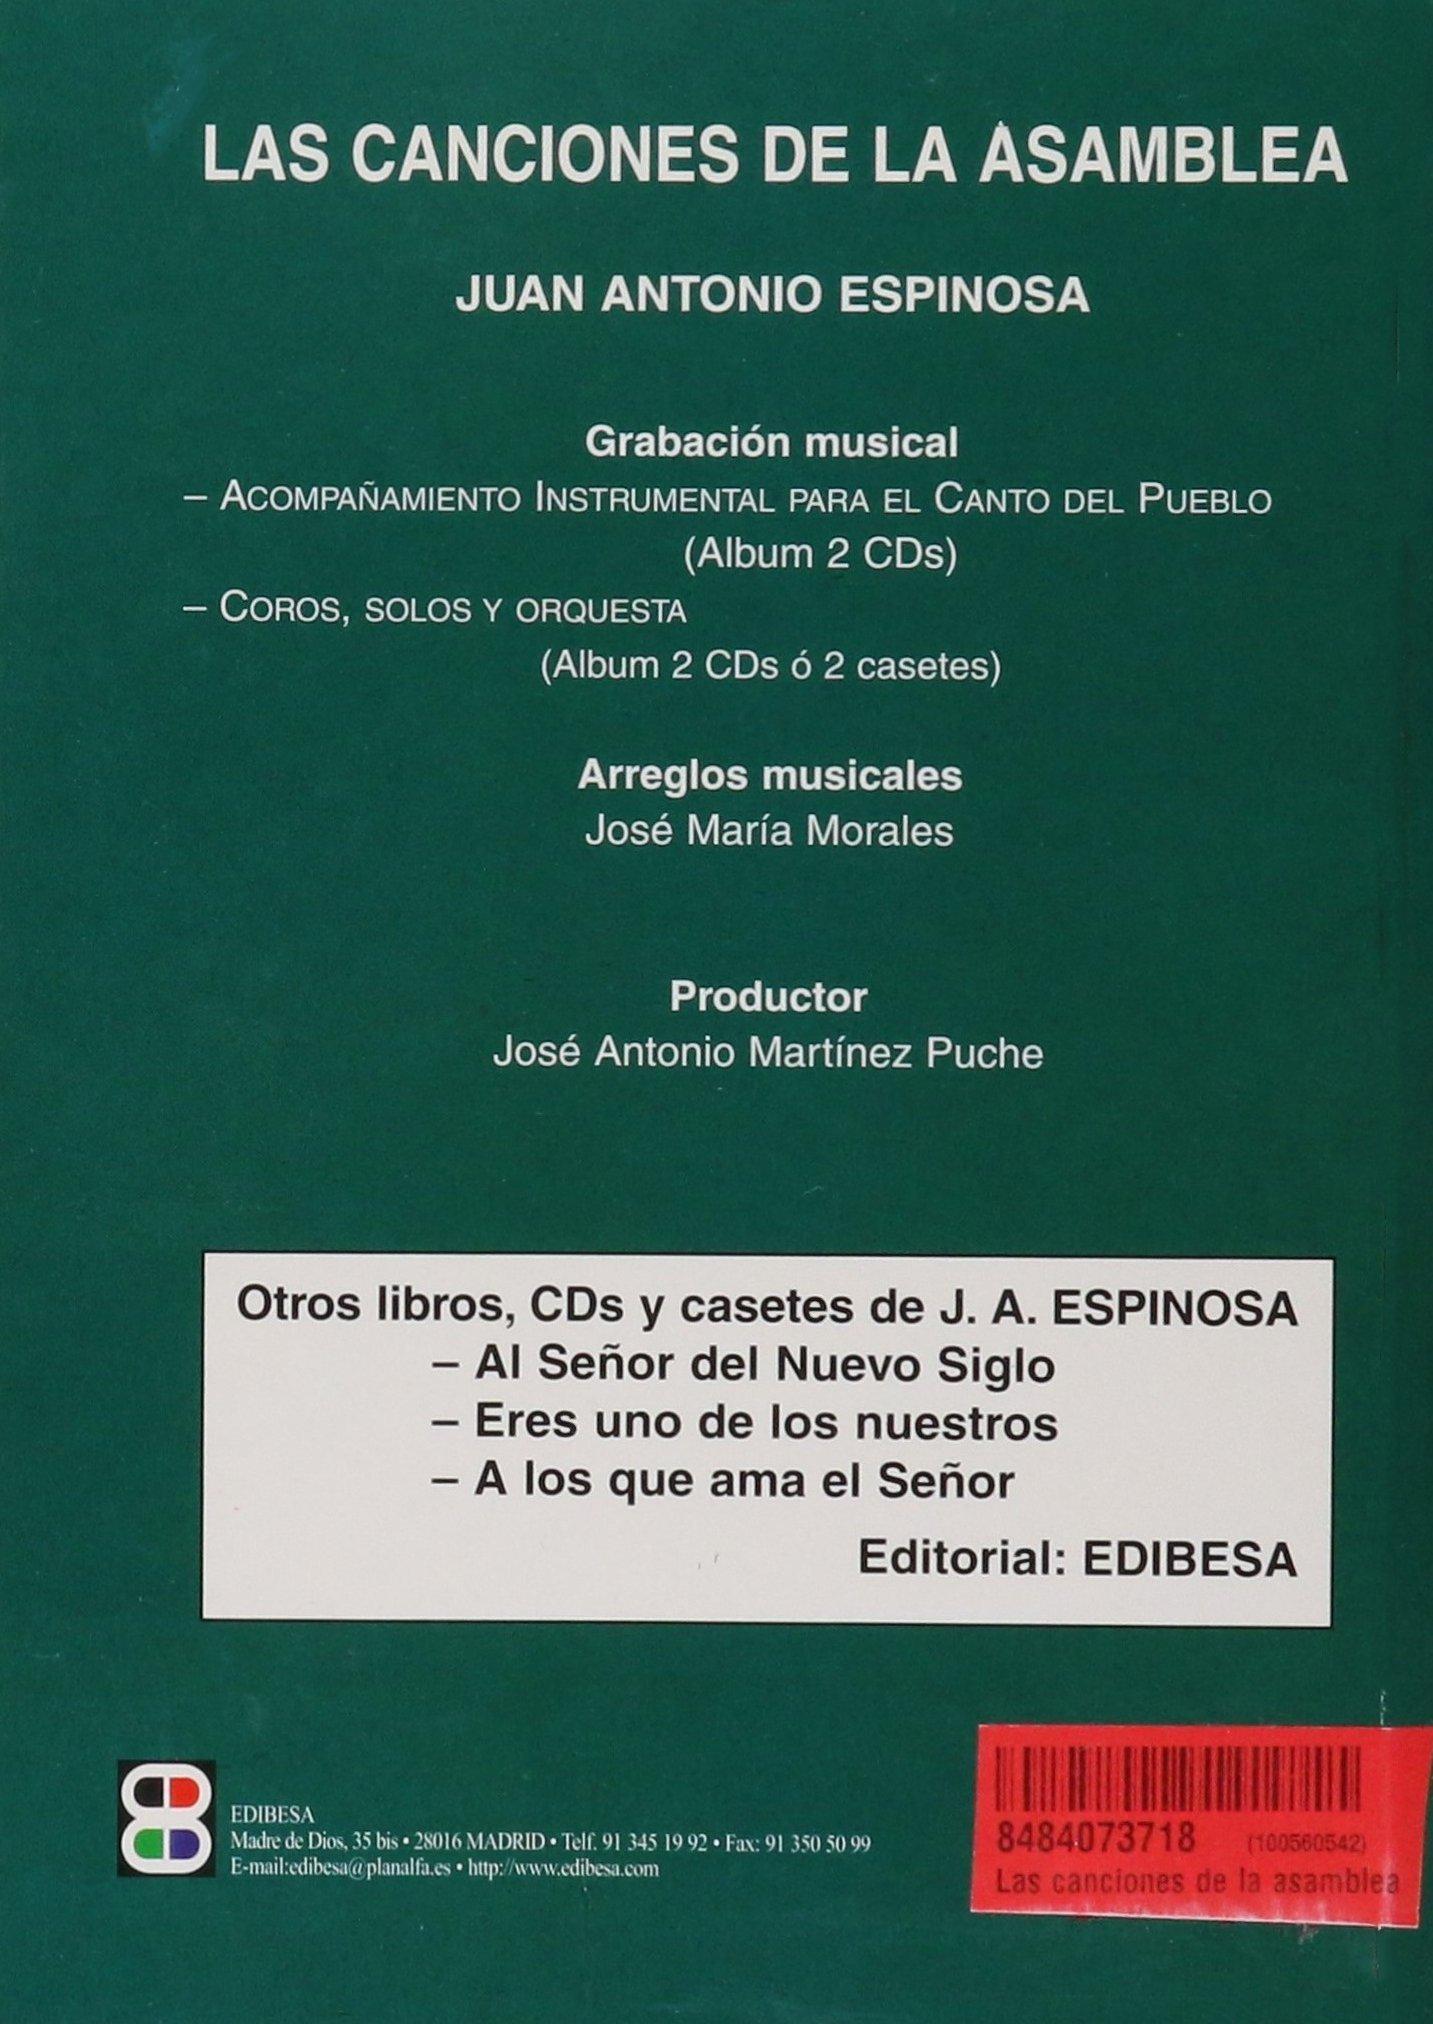 Las canciones de la asamblea: Juan Antonio Espinosa Bote: 9788484073710: Amazon.com: Books